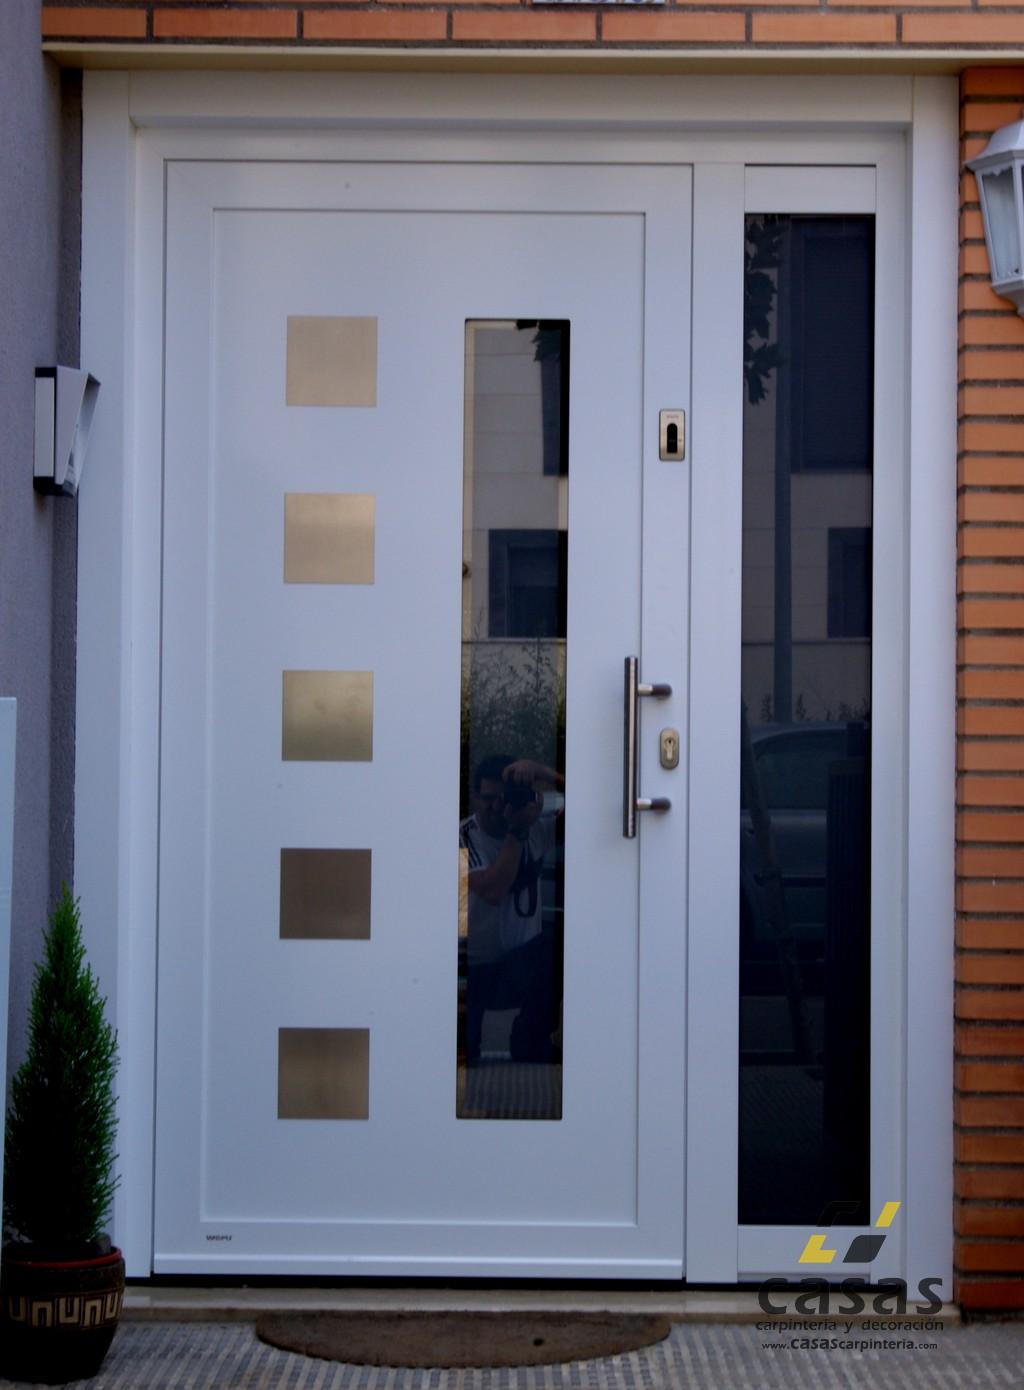 Fachadas con aberturas de aluminio for Puertas para oficinas precios